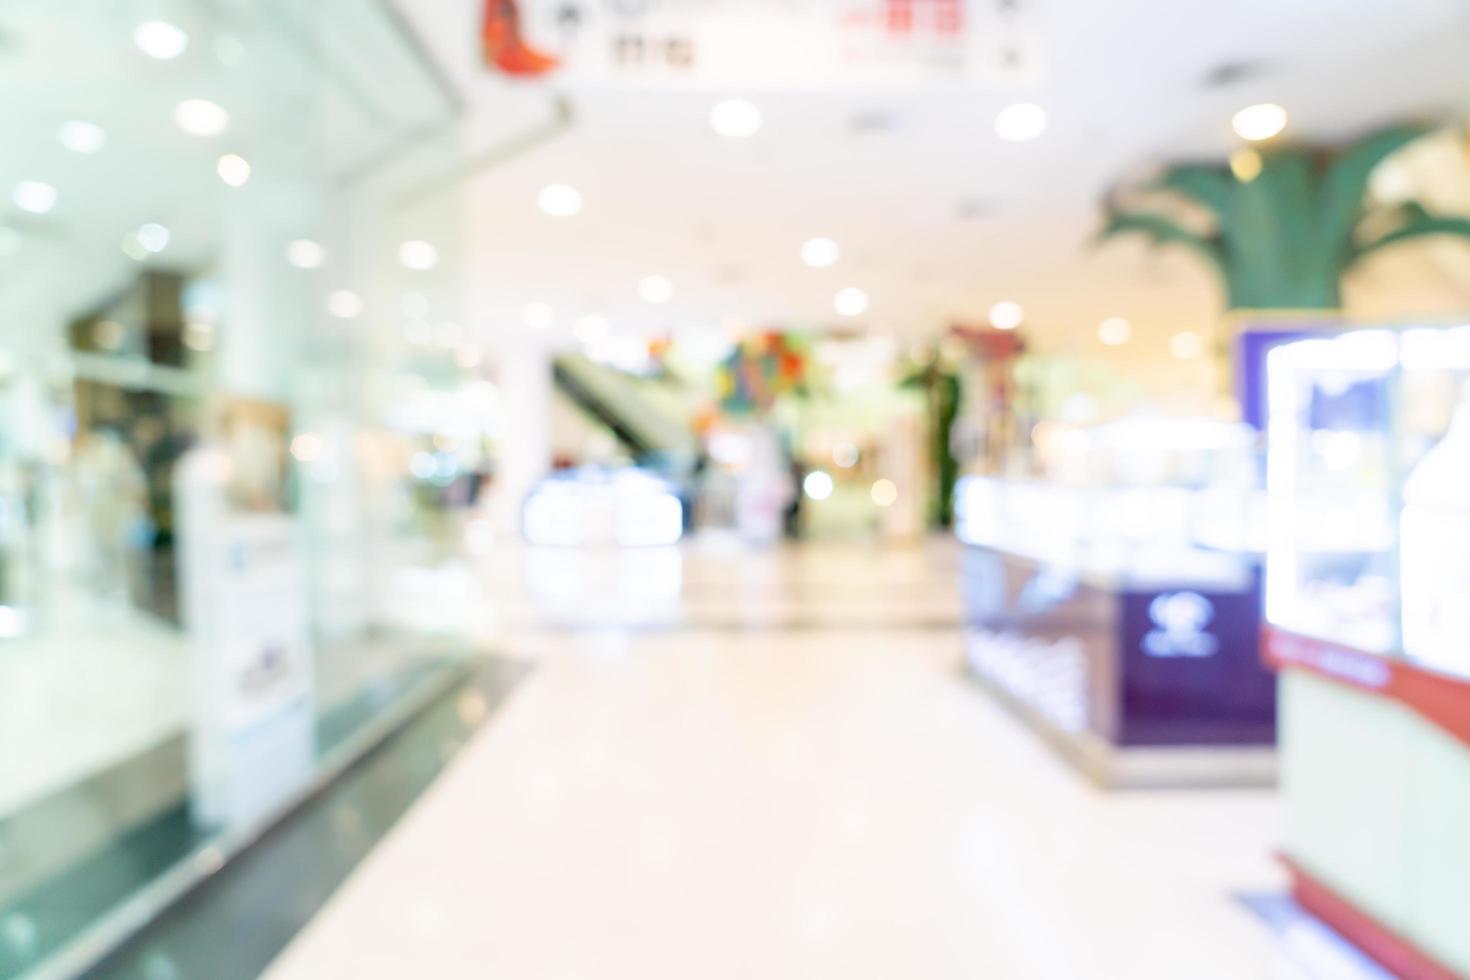 abstracte vervaging winkel en winkel in winkelcentrum voor achtergrond foto